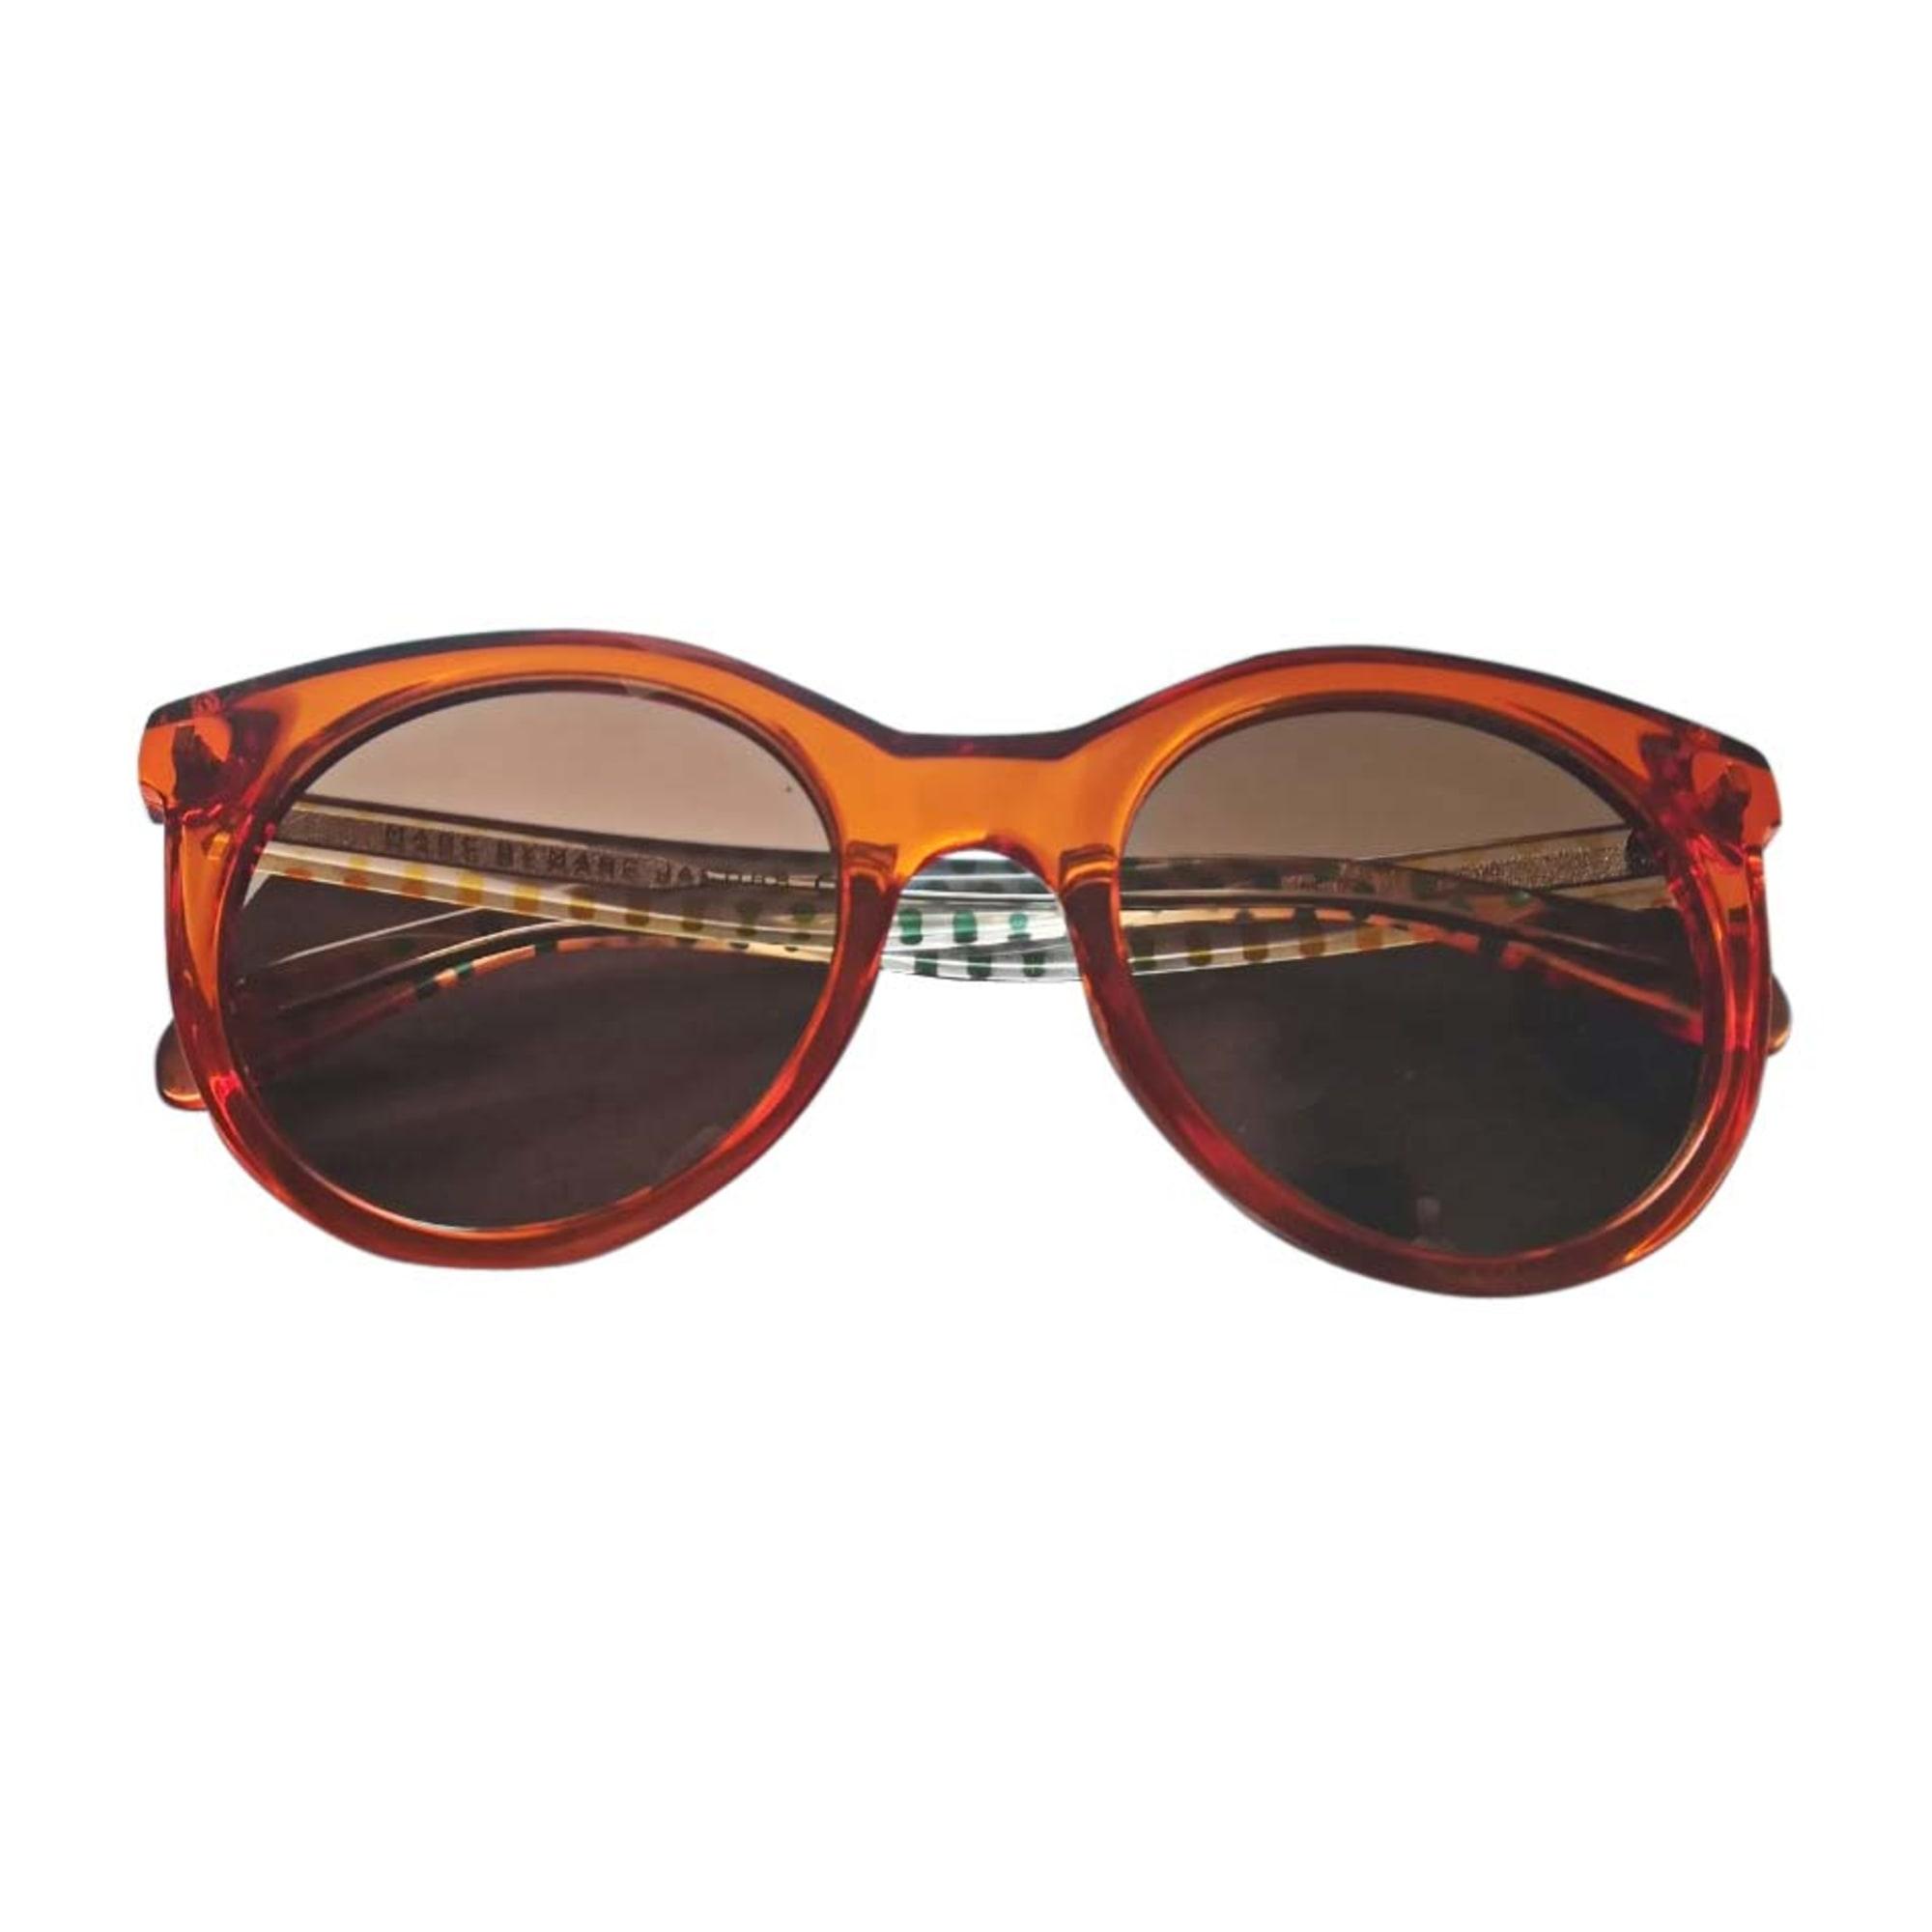 e6e92261c457ed Lunettes de soleil MARC JACOBS orange - 7495443